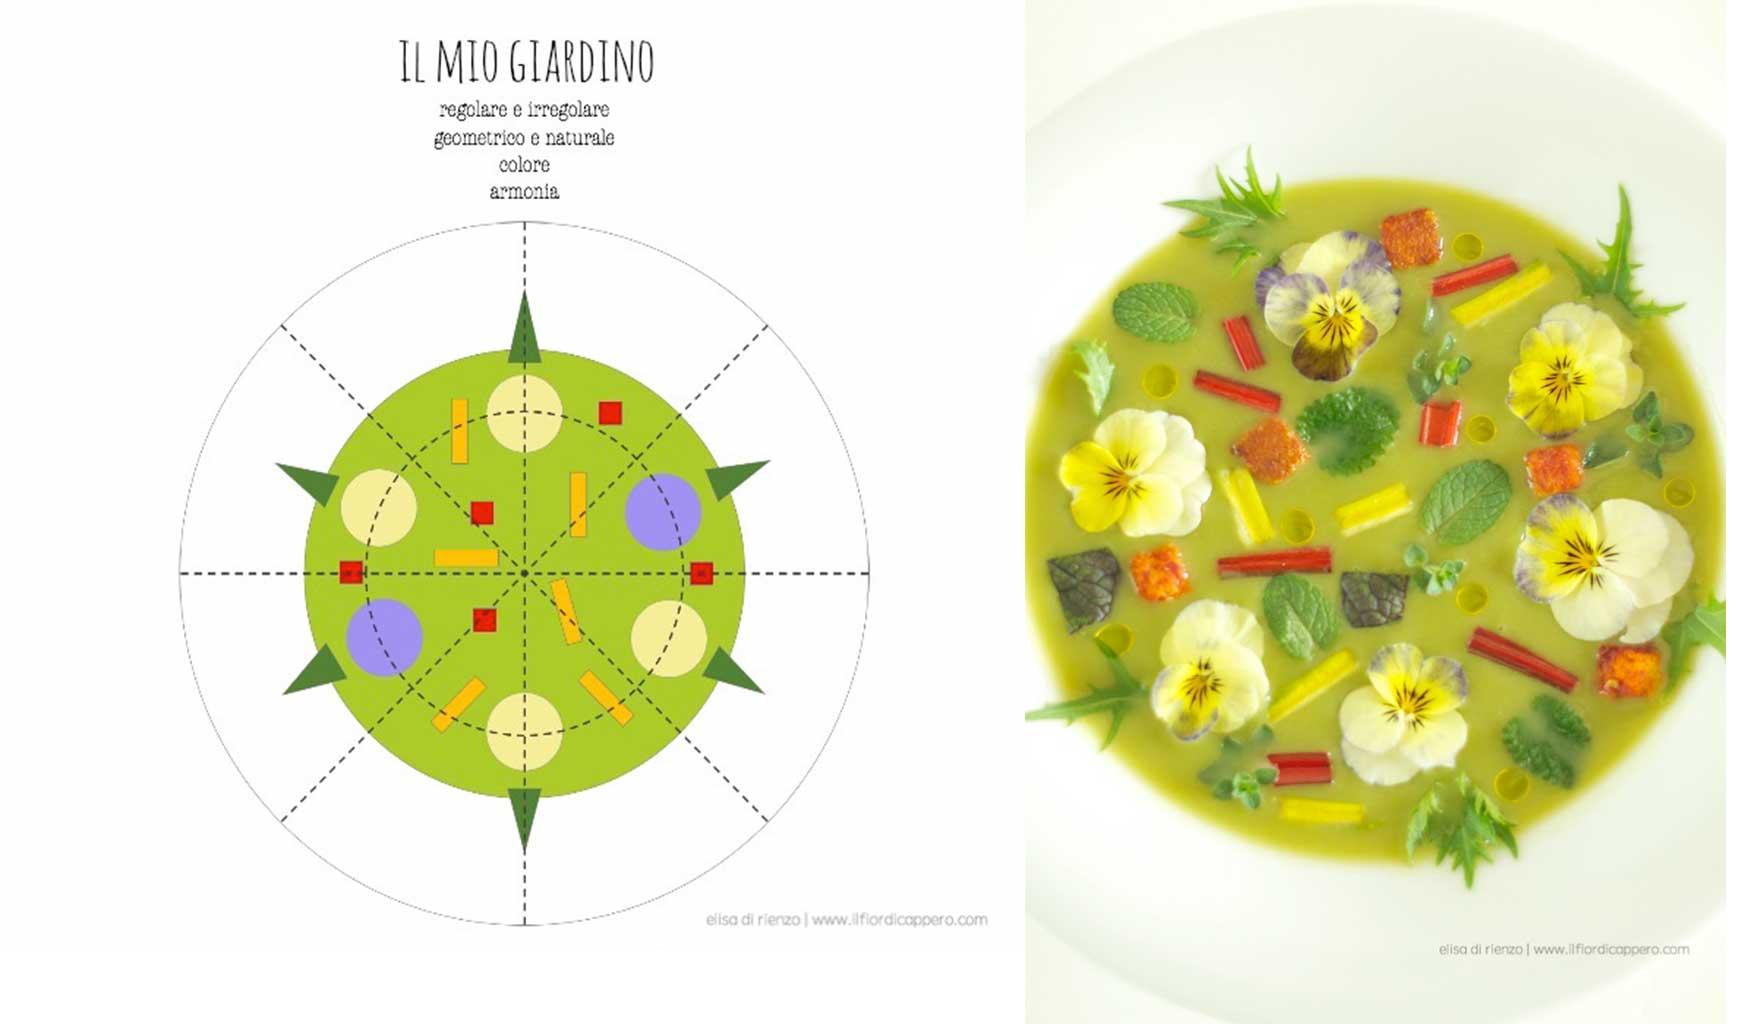 Impiattamento per contest Taste&More realizzato dalla food blogger Elisa di Renzo del blog Il fior di cappero